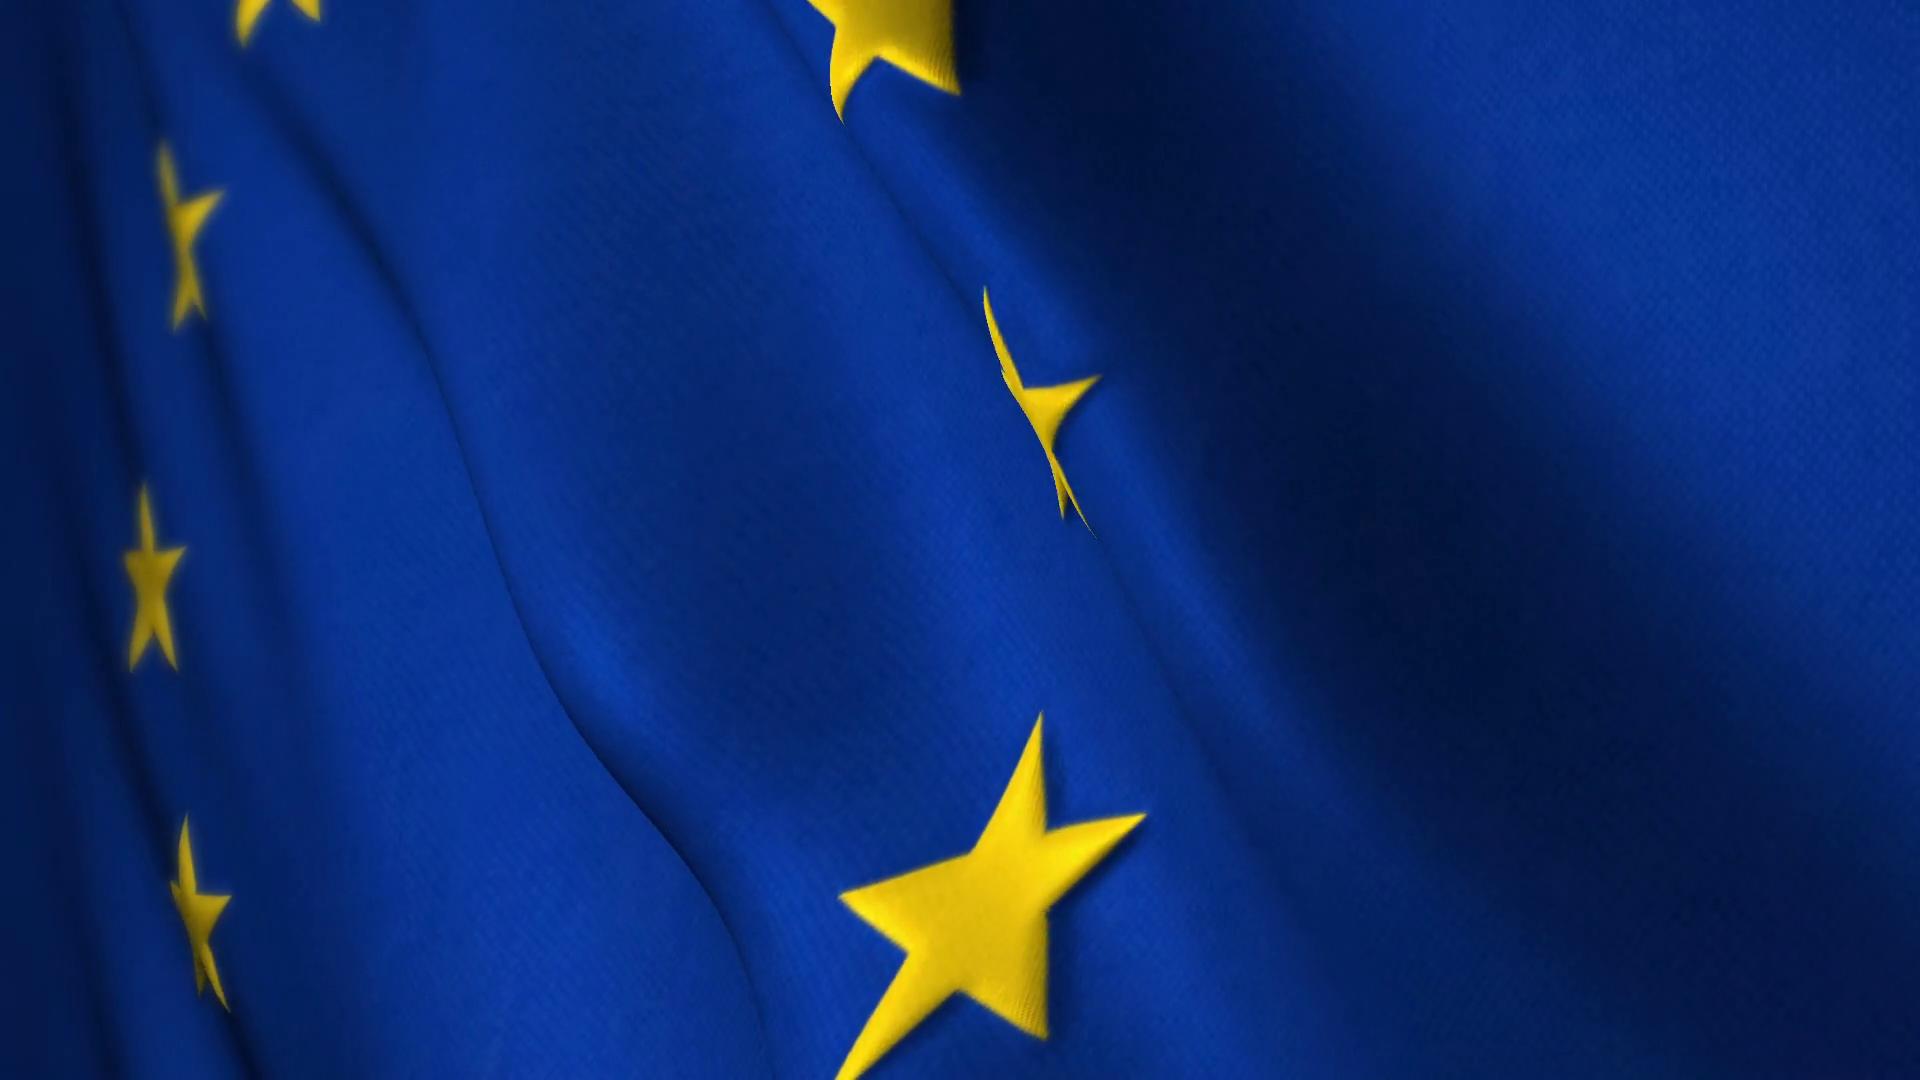 Déclaration locale DUE et États membres